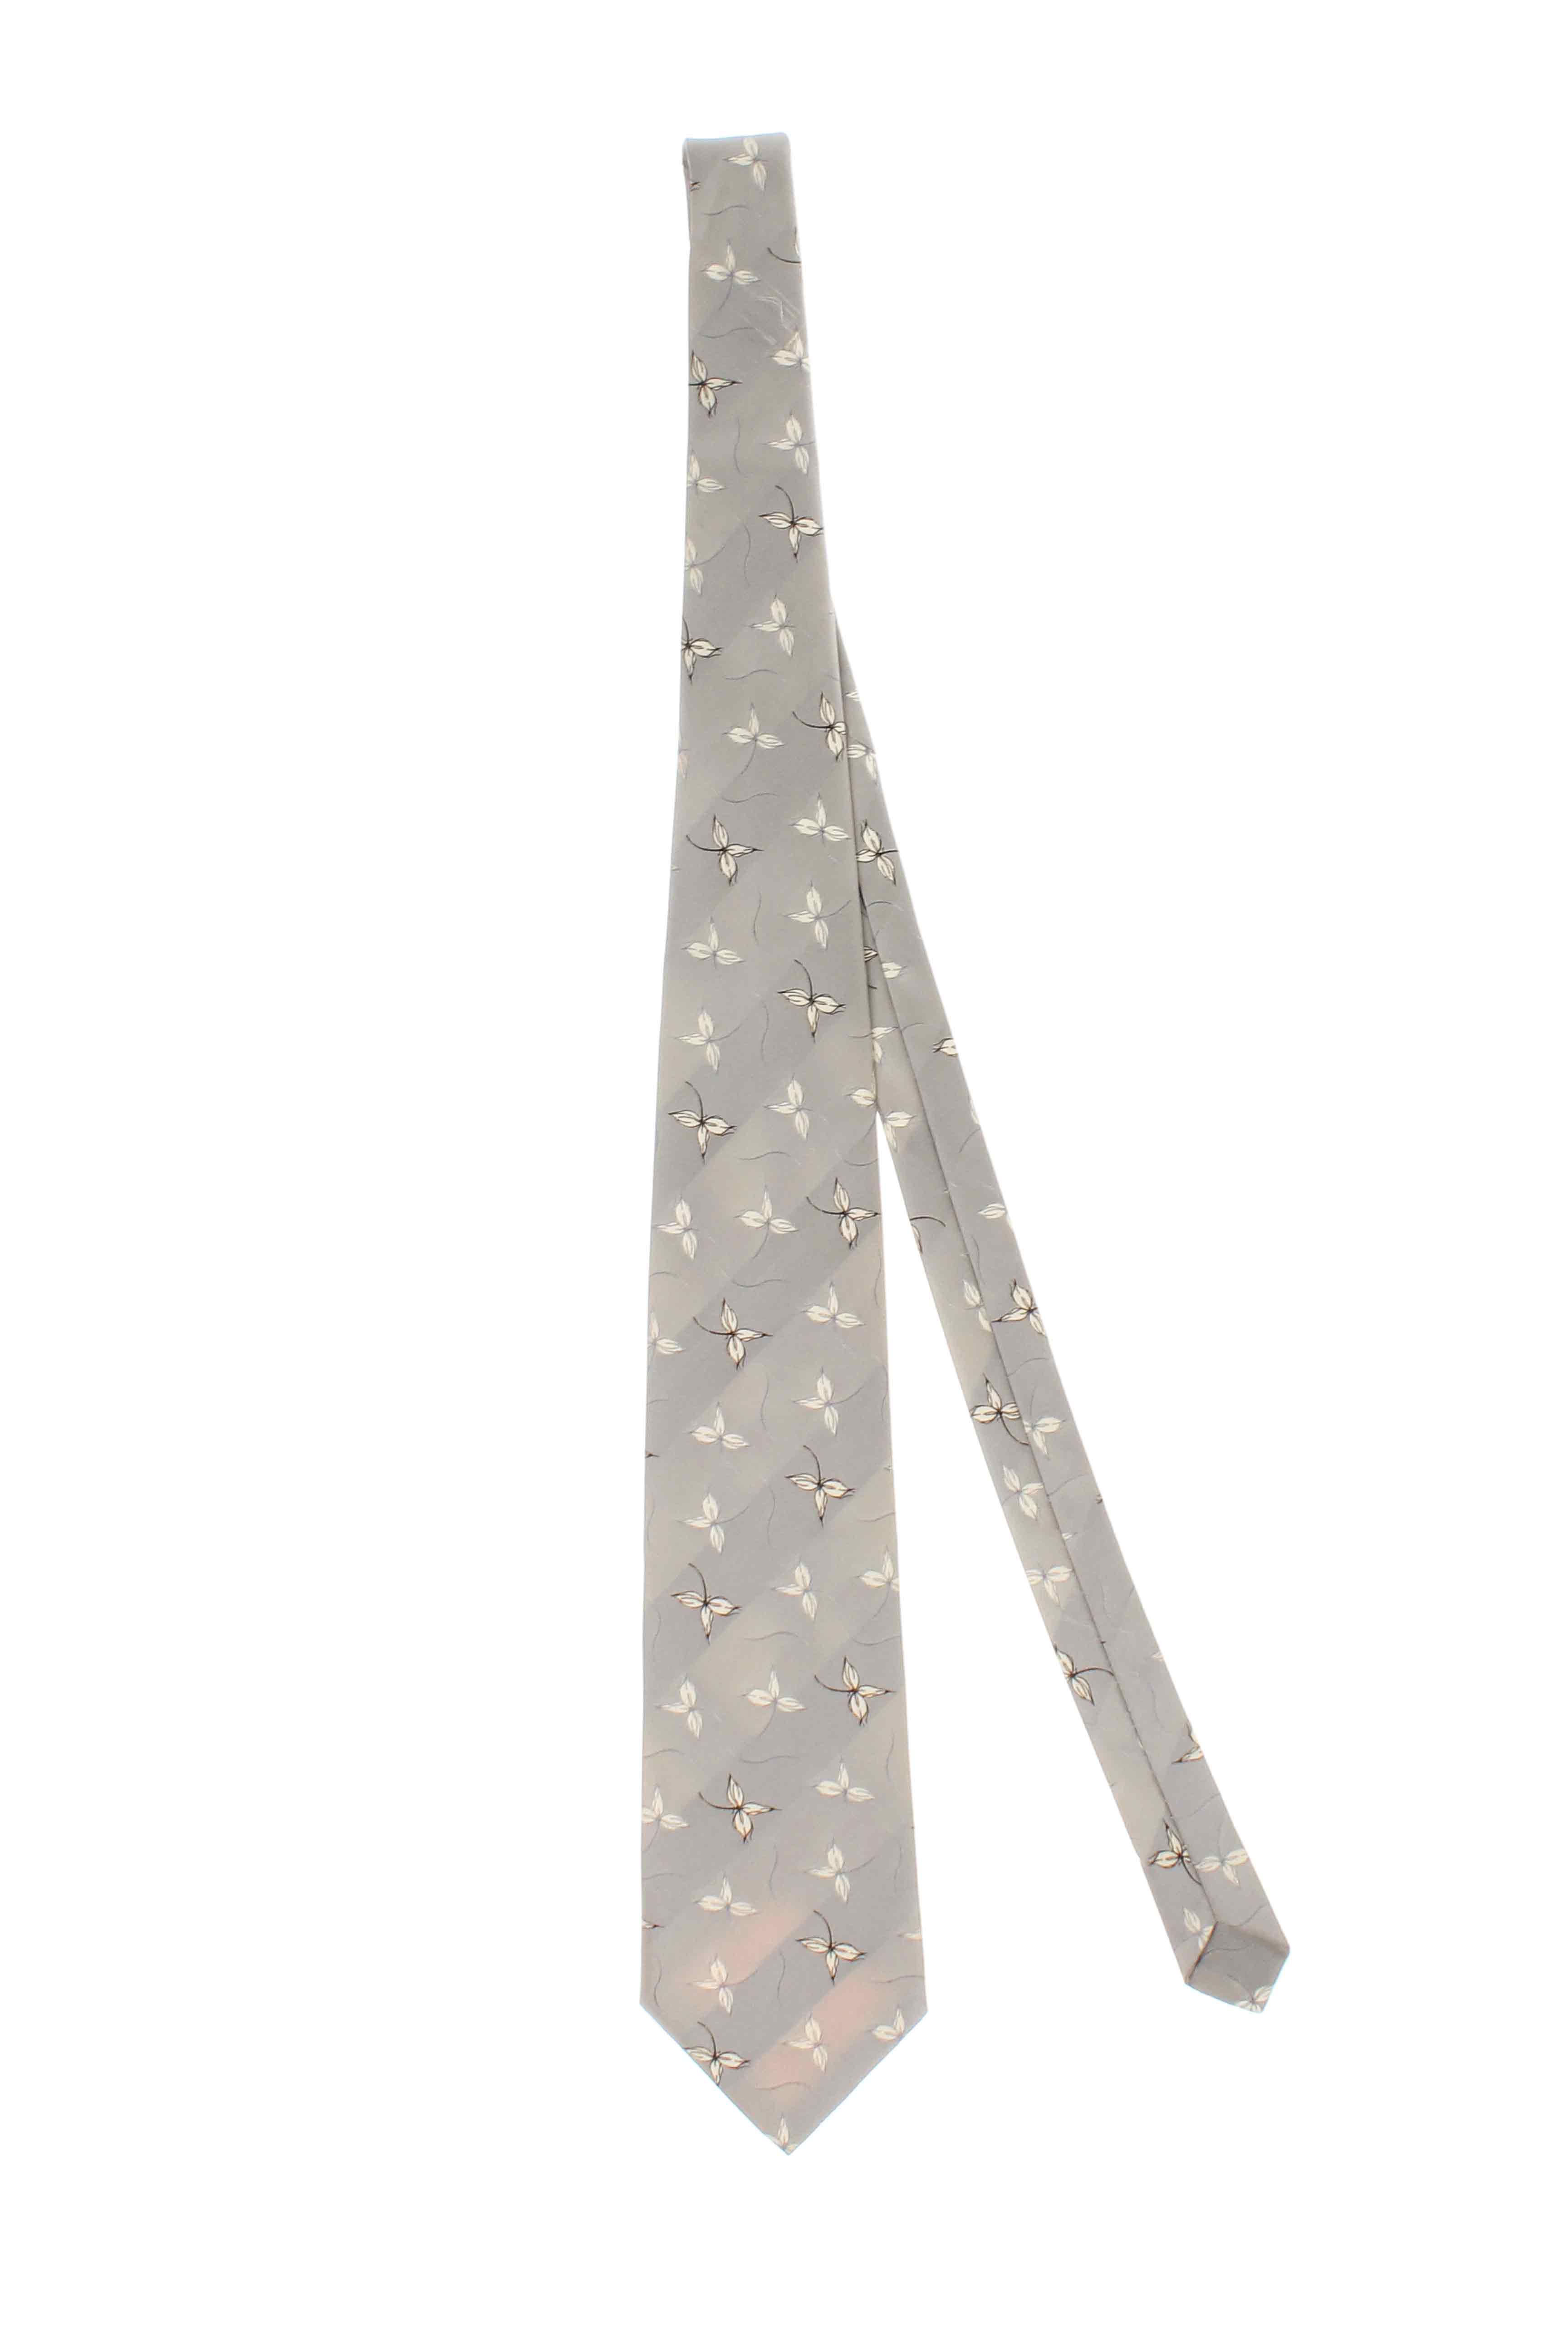 fibre cravate de luxe cravates homme de couleur gris en soldes pas cher 803774 gris00 modz. Black Bedroom Furniture Sets. Home Design Ideas